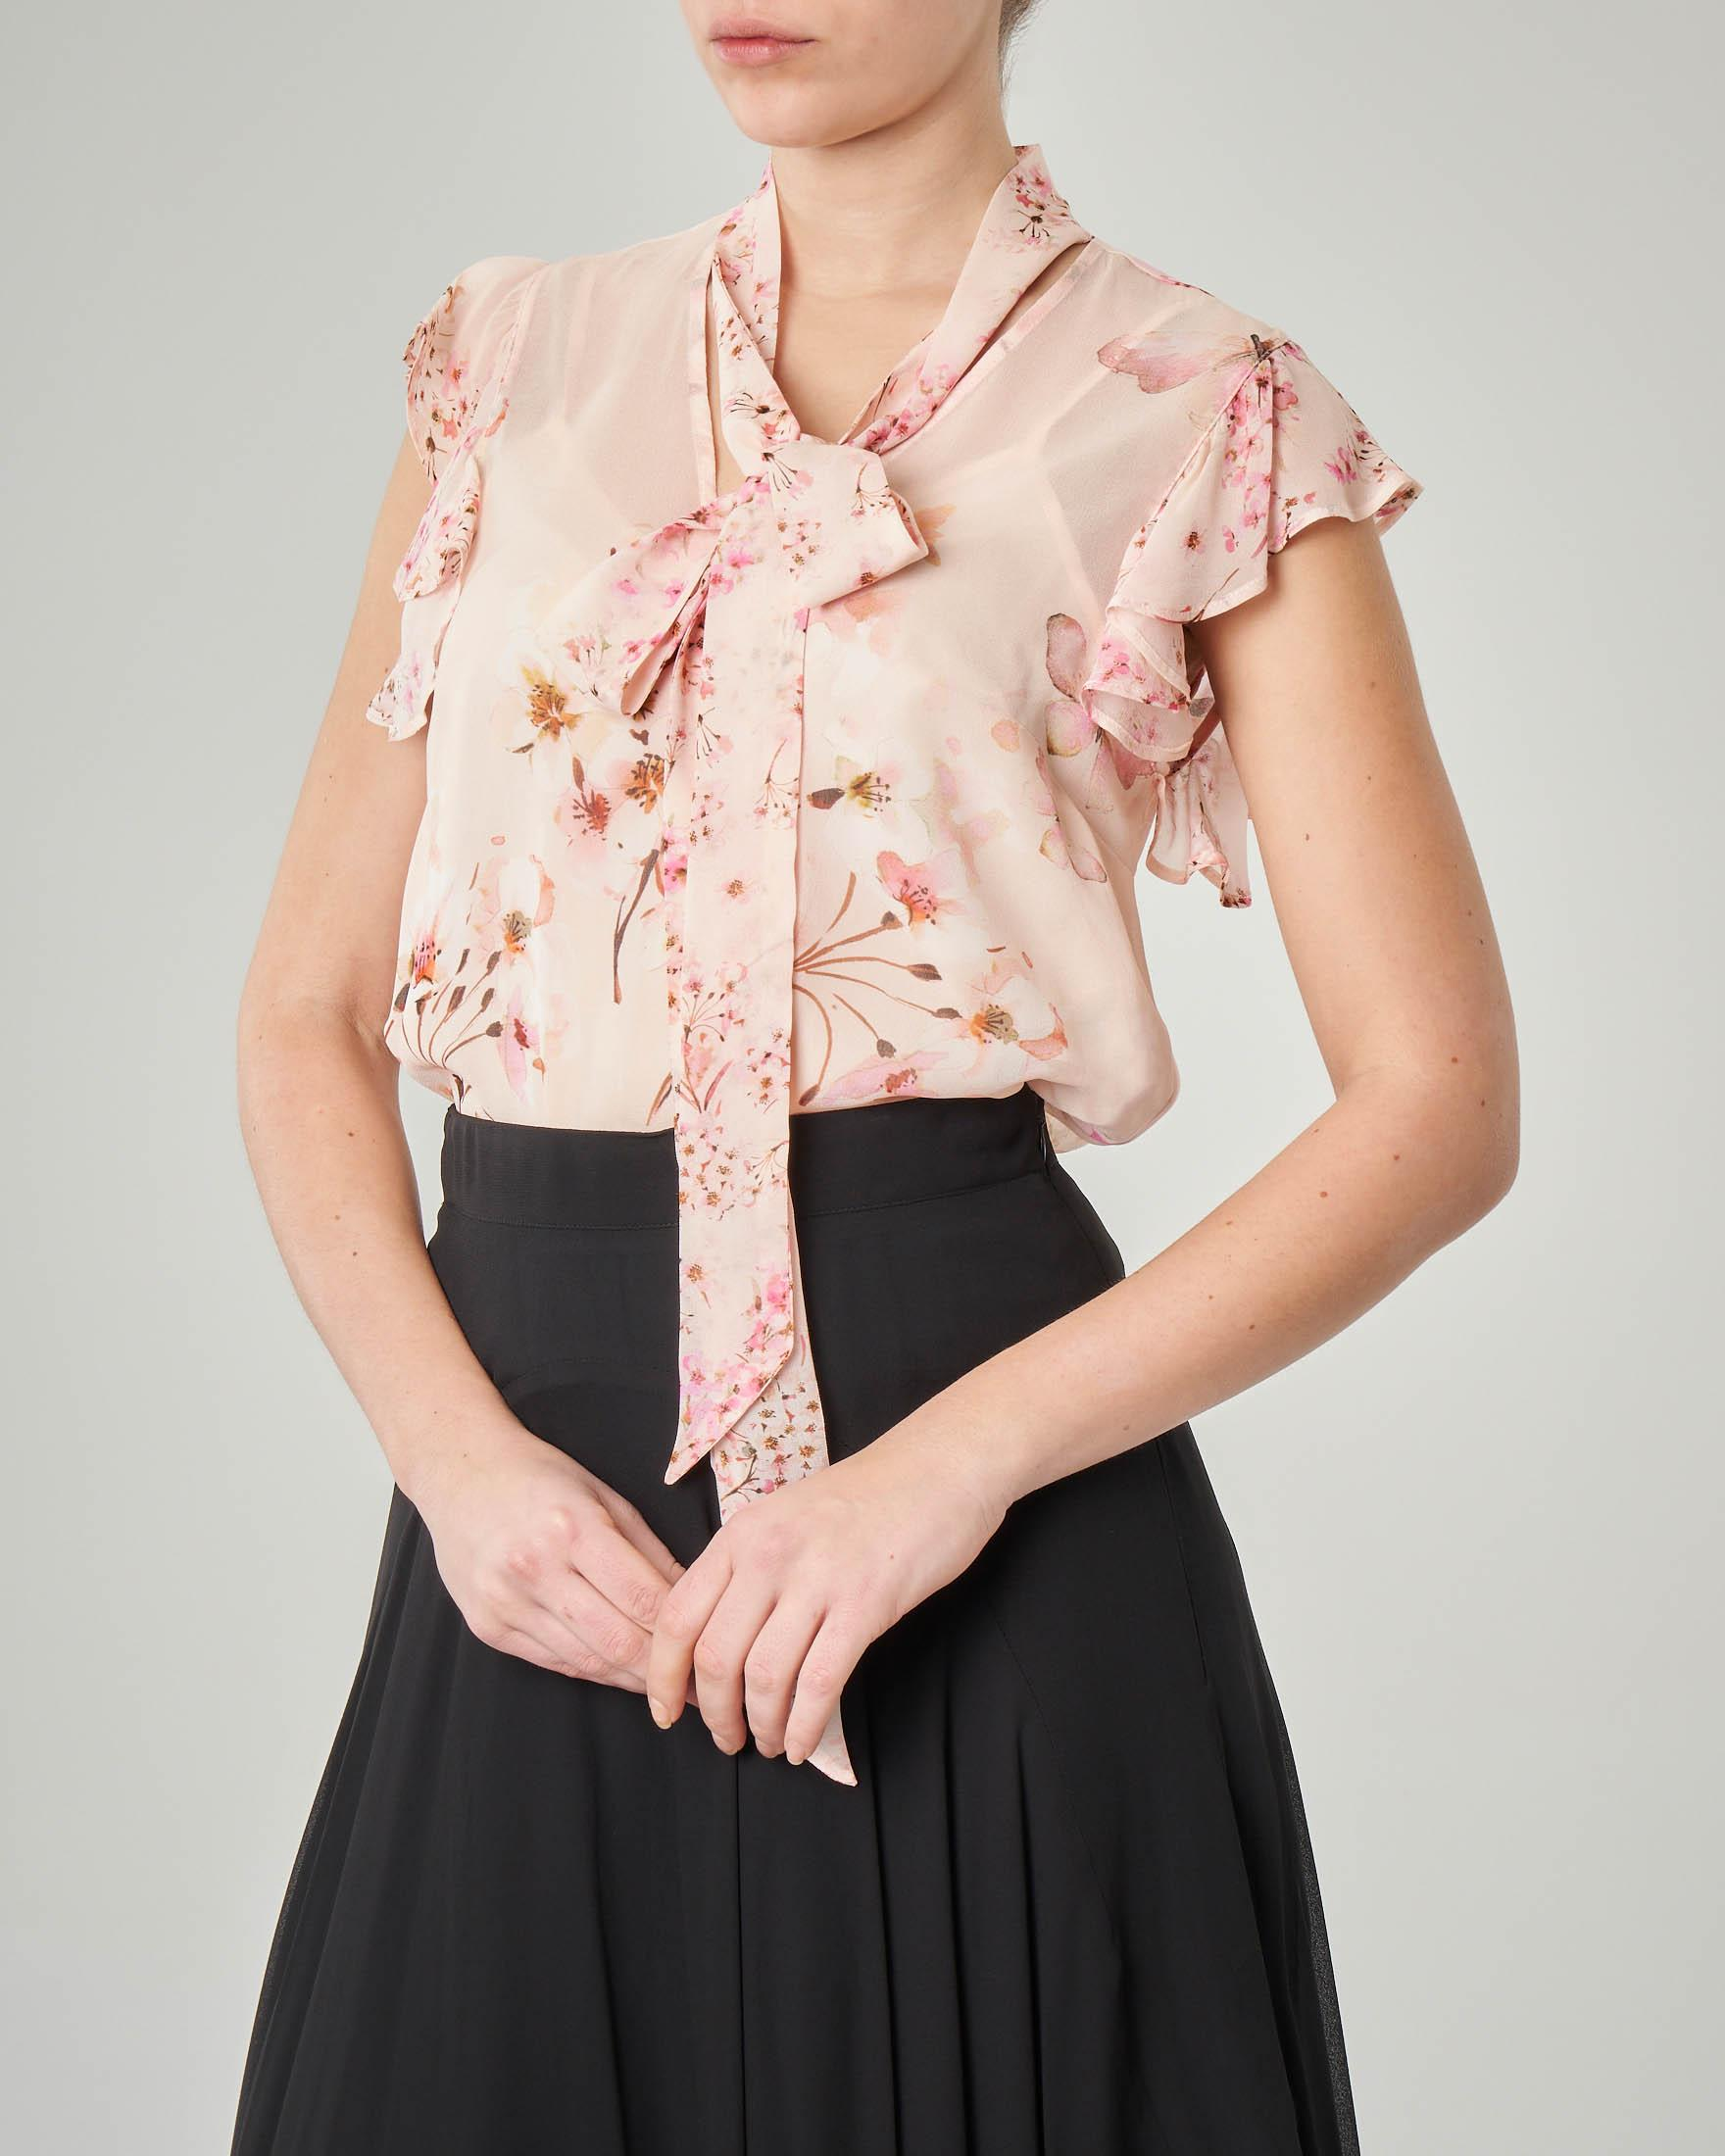 Camicetta rosa a fantasia floreale con maniche corte a volant